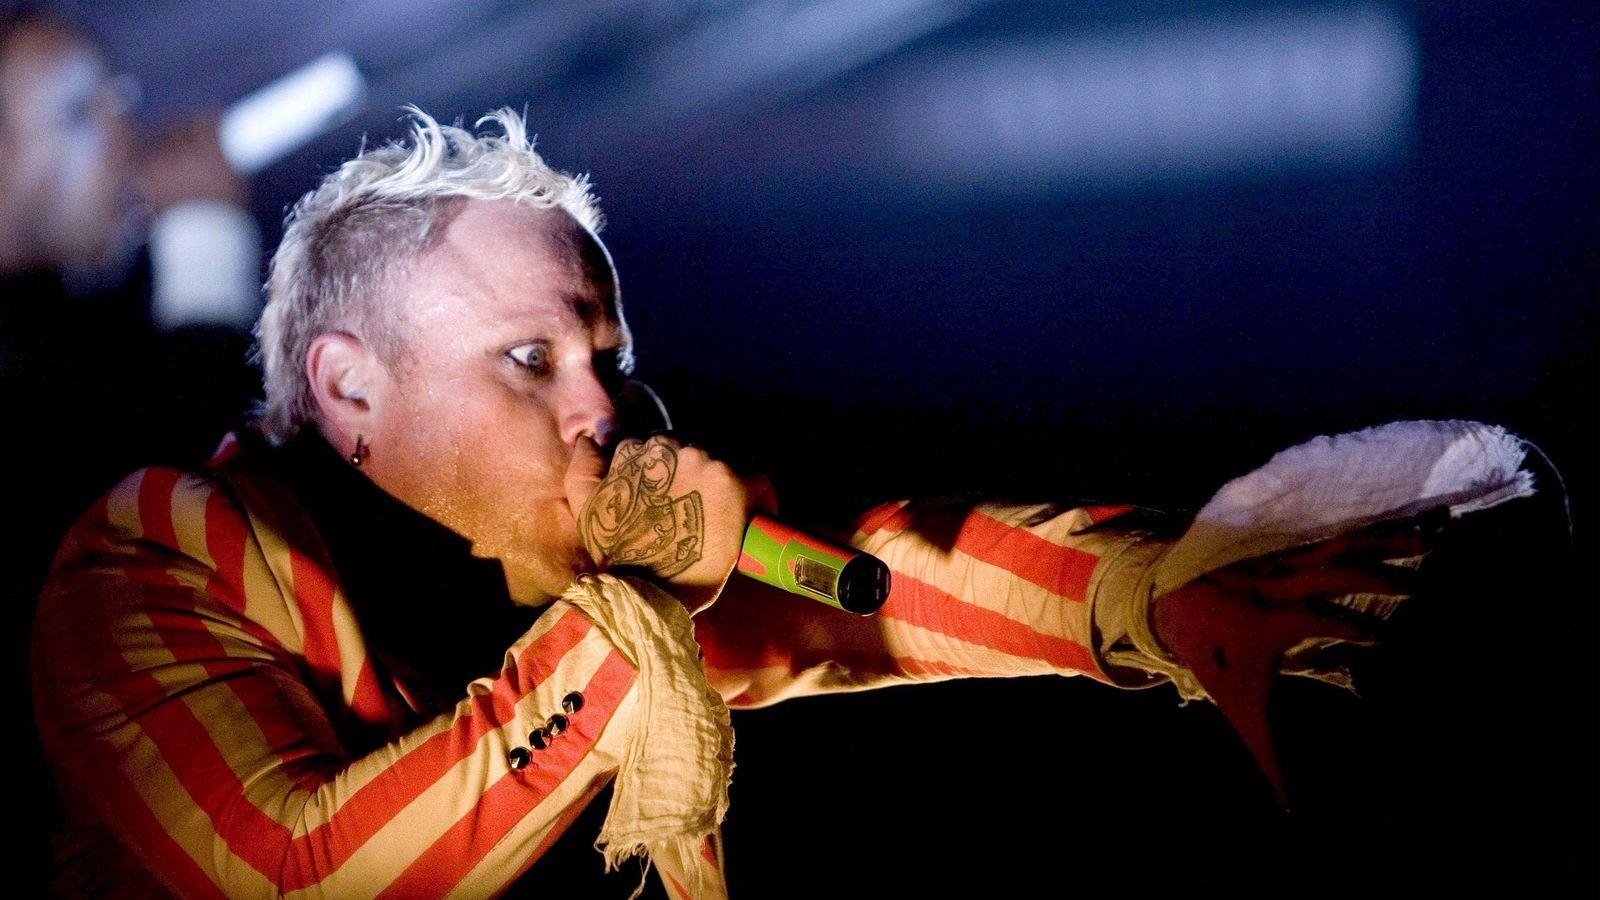 Foto:  El cantante de la banda británica The Prodigy, Keith Flint, durante una actuación en Suiza en 2008